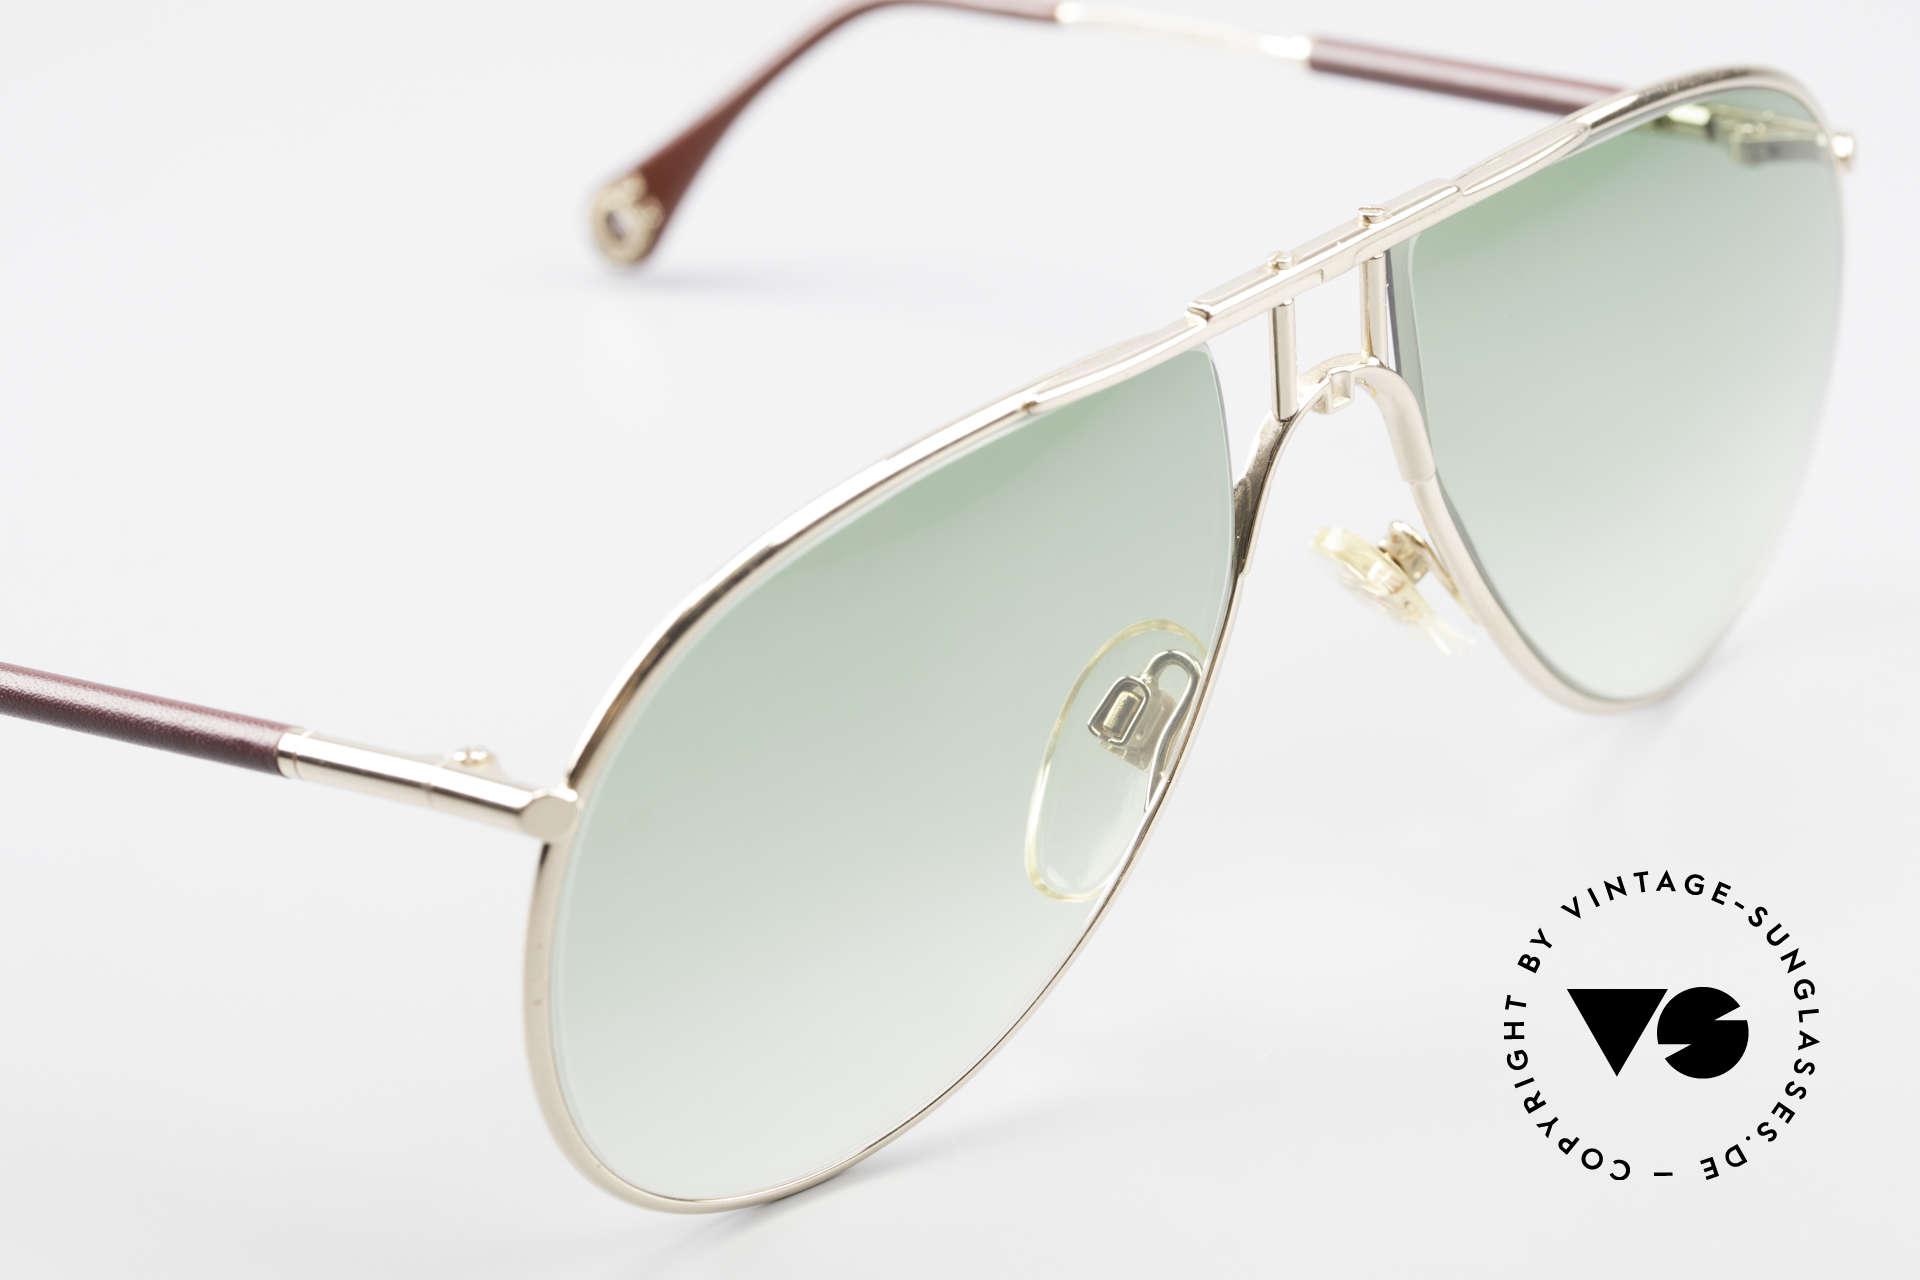 Aigner EA3 Rare 80's Vintage Sunglasses, unworn (like all our rare 80's Aigner sunglasses) + pouch, Made for Men